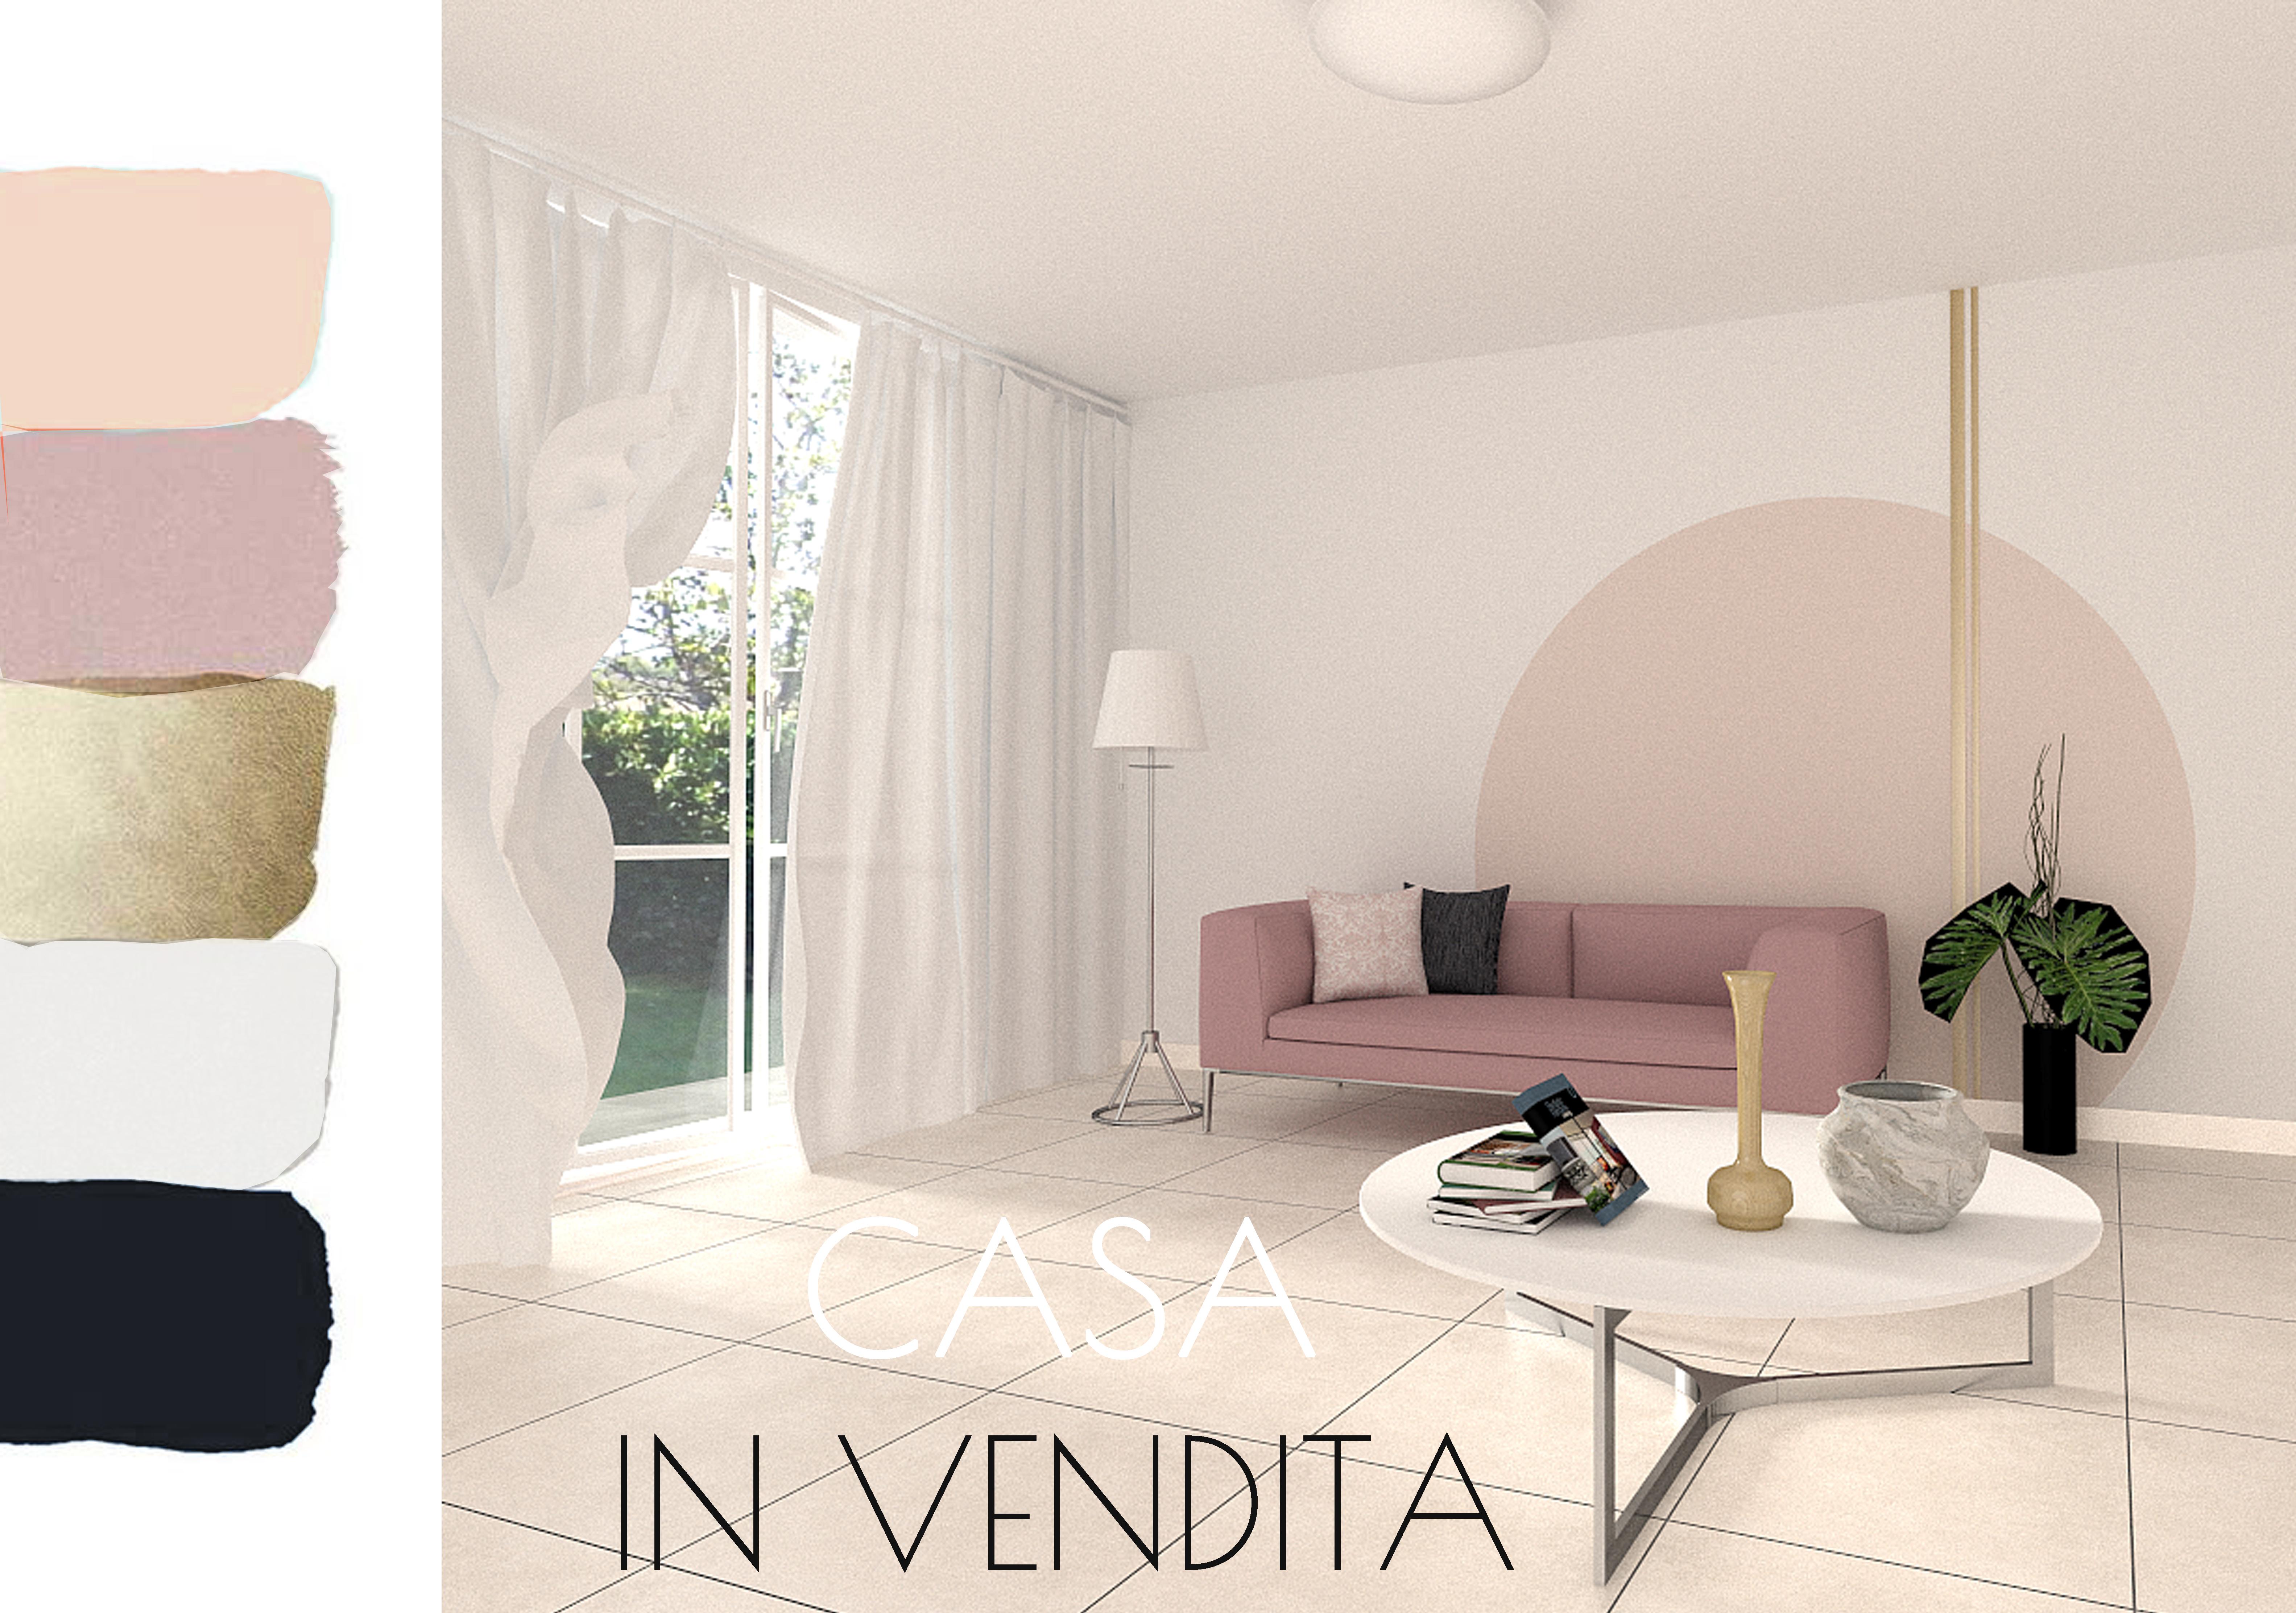 servizi-di-home-staging-casa-in-vendita-mood-concept